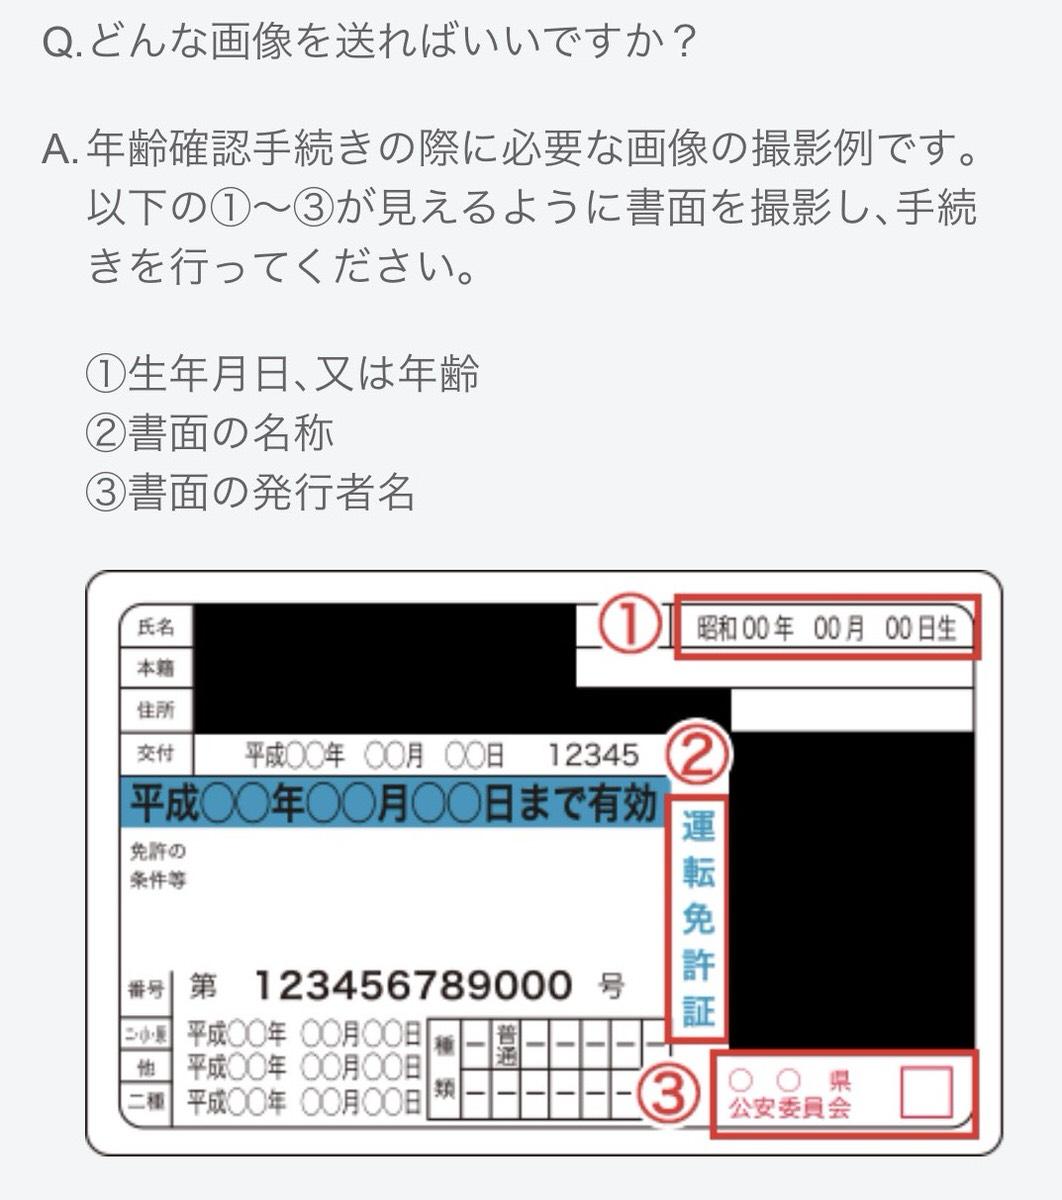 ハッピーメールの年齢確認証明書